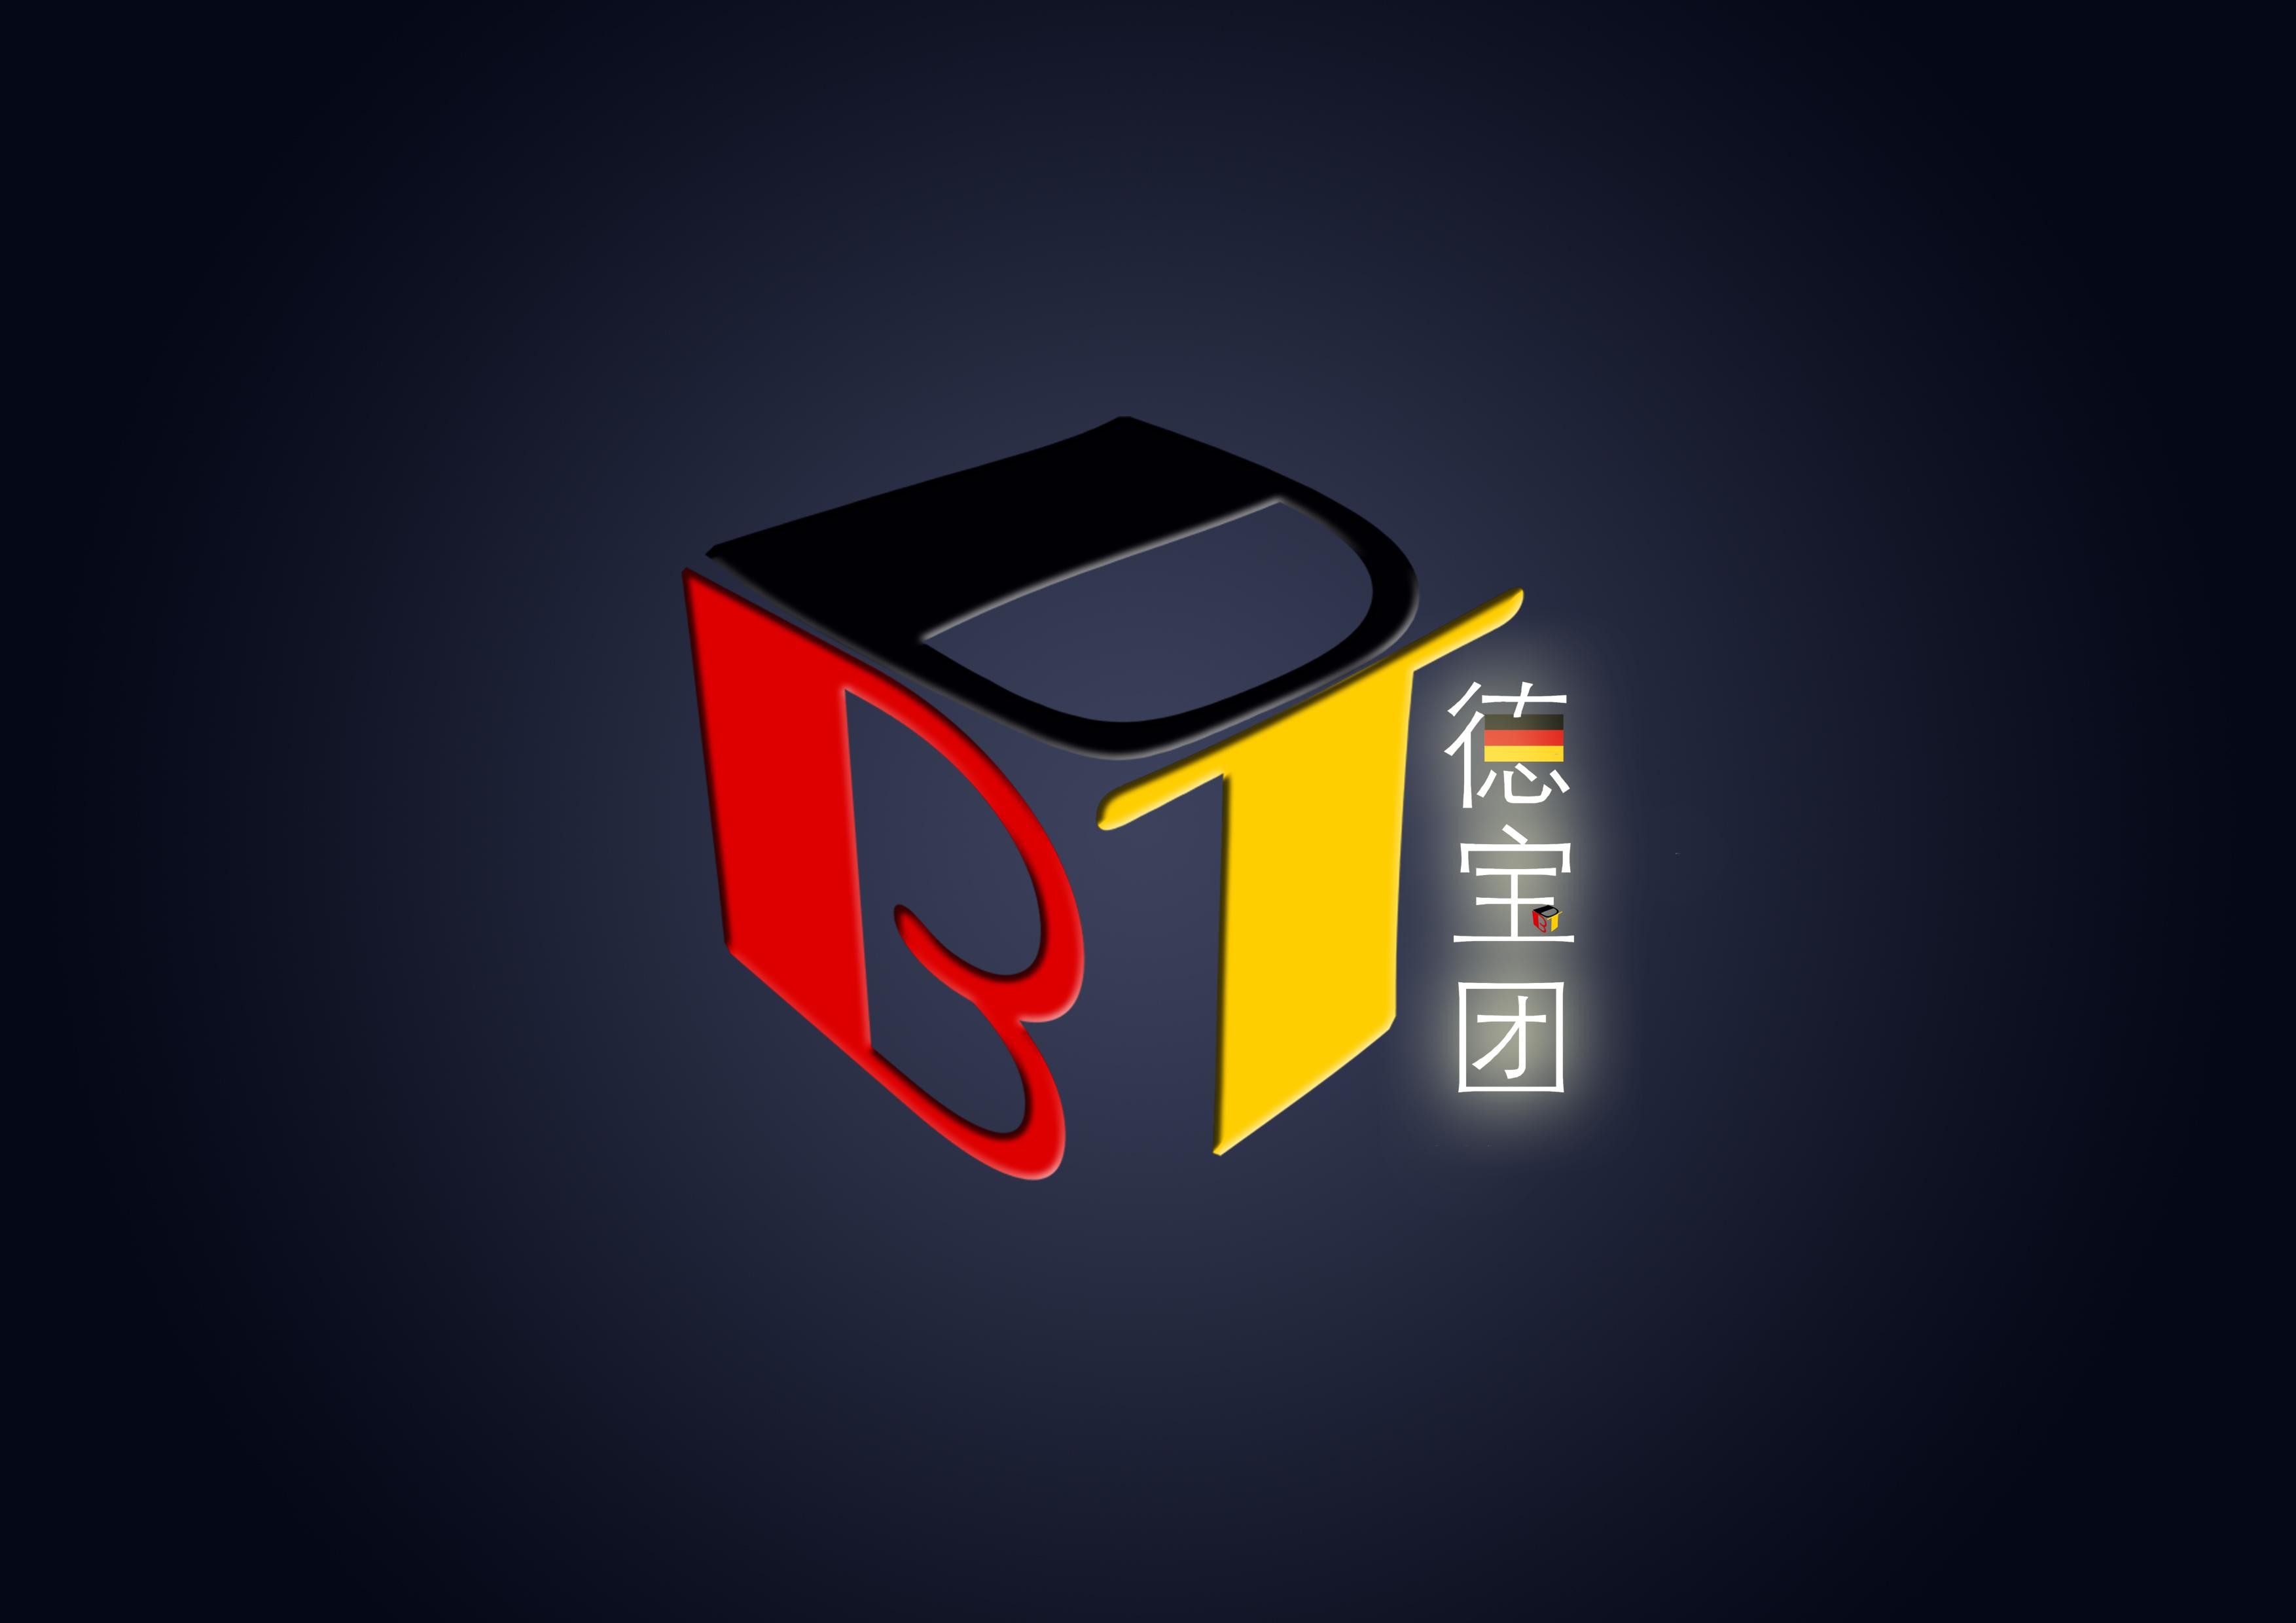 yv设计拥有着鲁迅美院,中国美院等高等设计院校设计师资源,完成200多